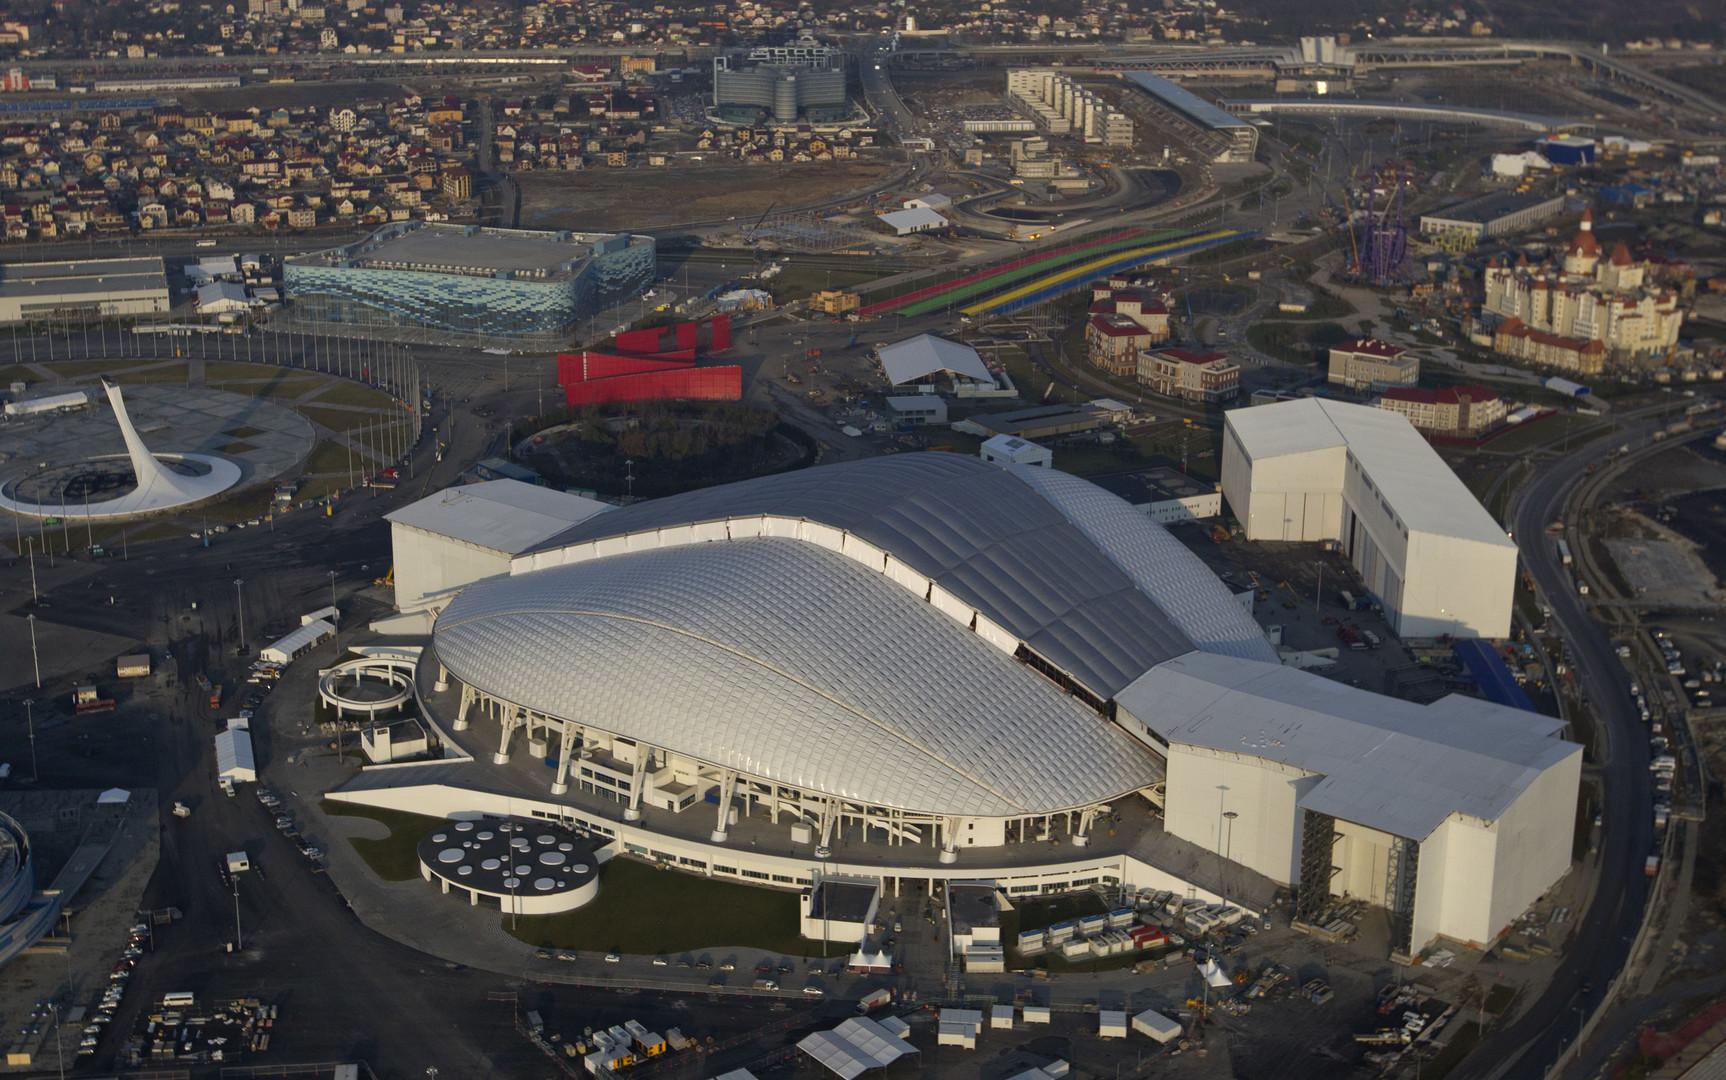 Un premier coup d'œil sur les stades qui accueilleront le mondial 2018